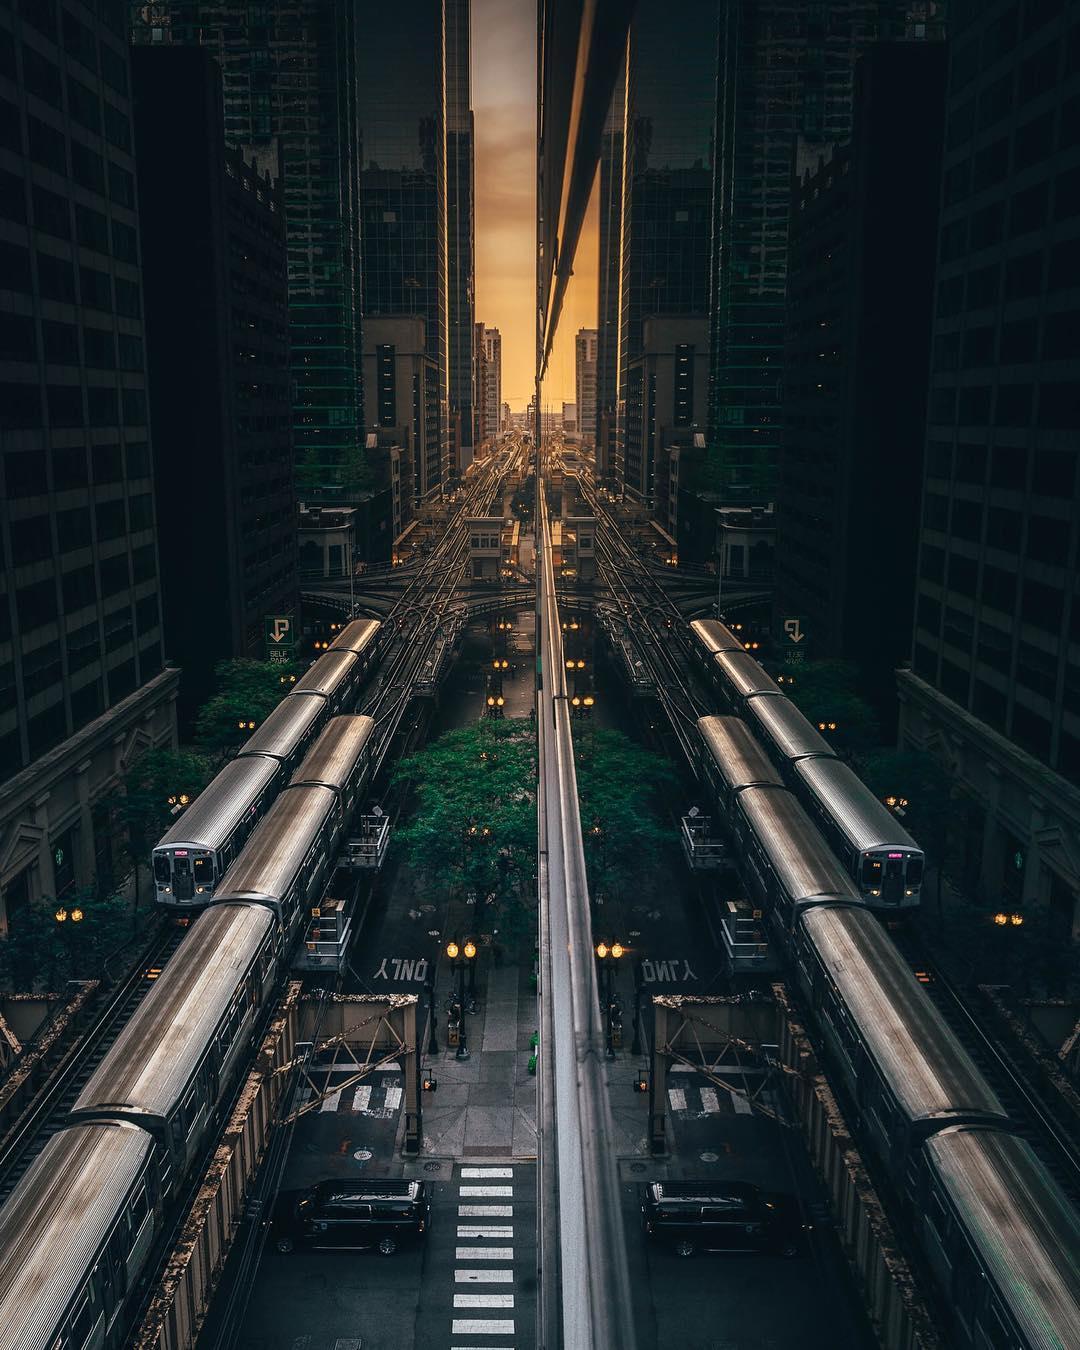 Пейзажные и уличные снимки от Джейсона Дабса